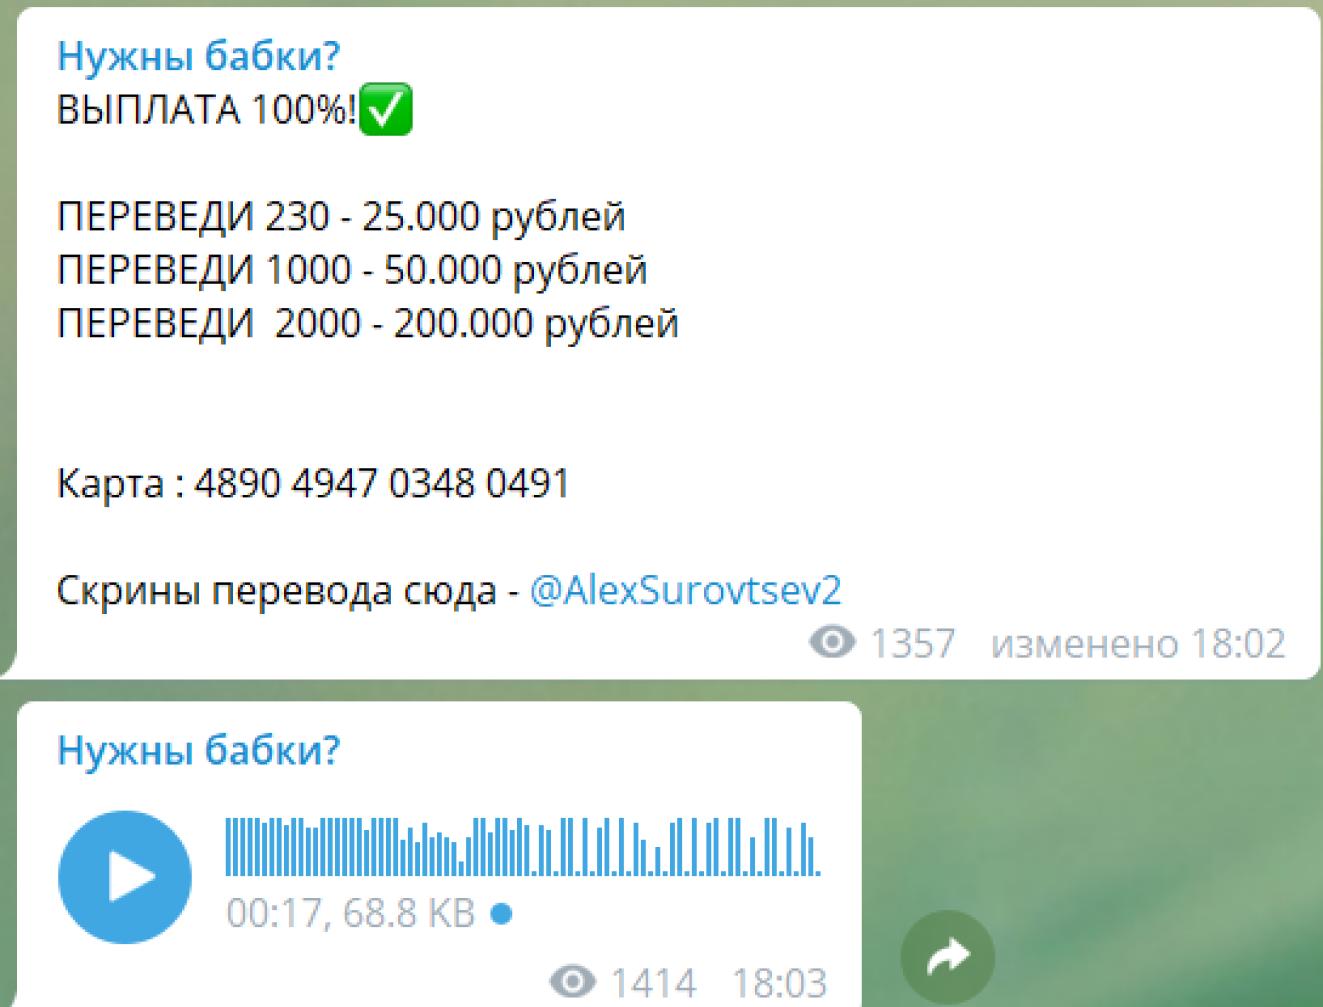 Телеграмм канал: пошаговая инструкция по созданию и управлению